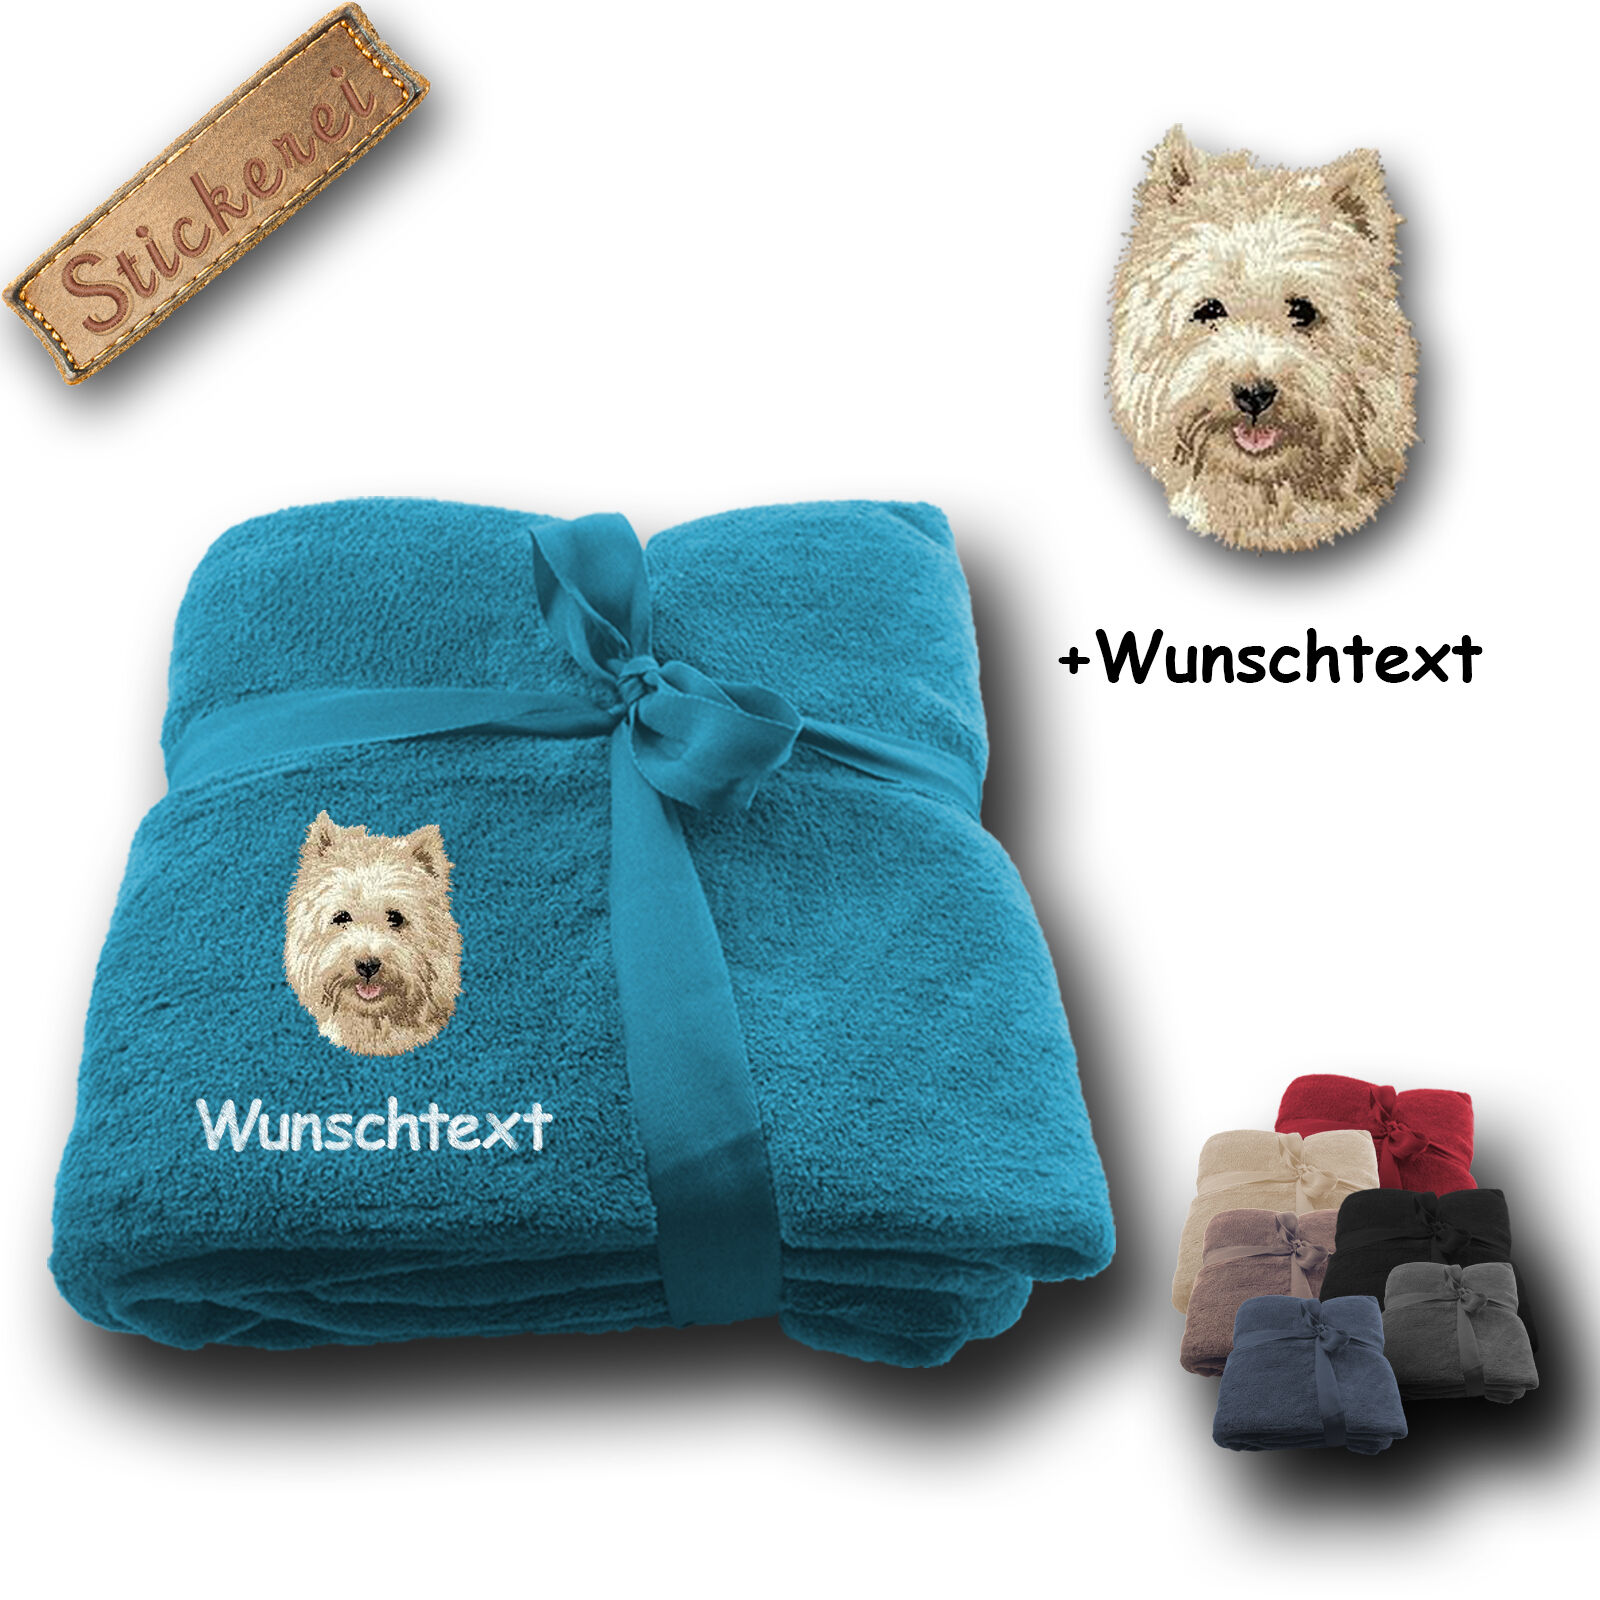 Flauschige Kuscheldecke Decke Hund Cairn Terrier +Wunschtext Stickerei 180x130cm